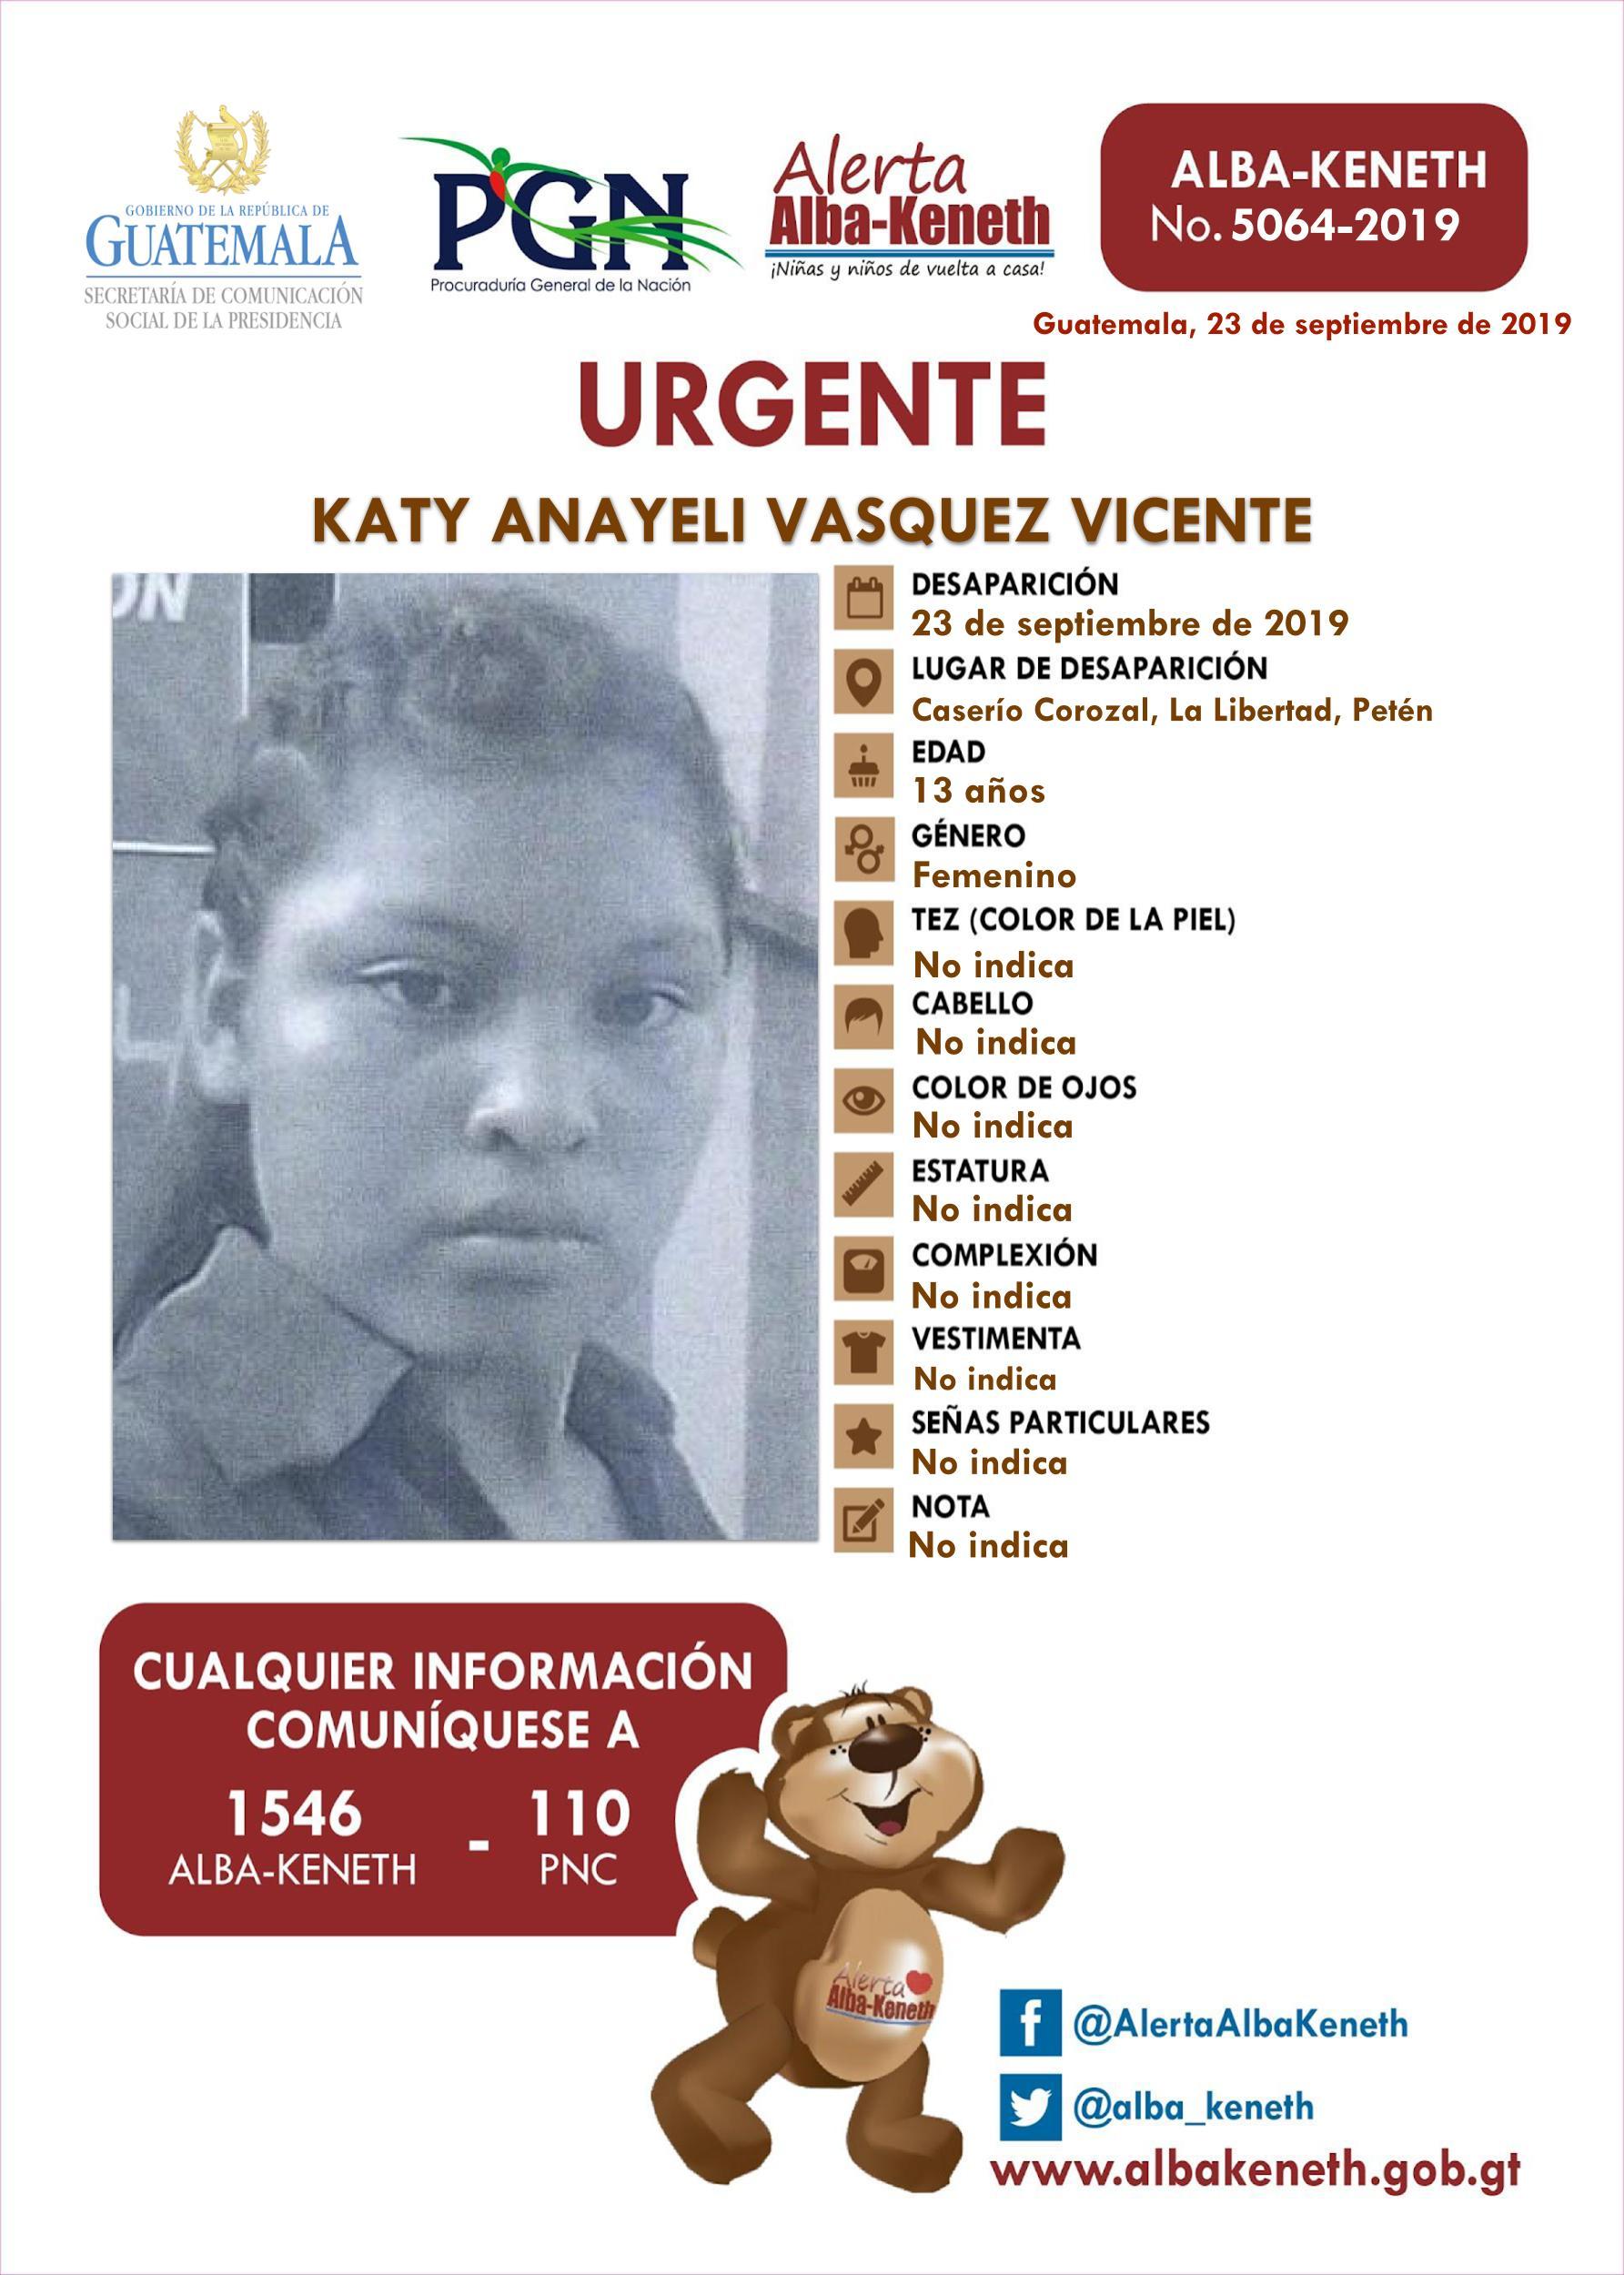 Katy Anayeli Vasquez Vicente